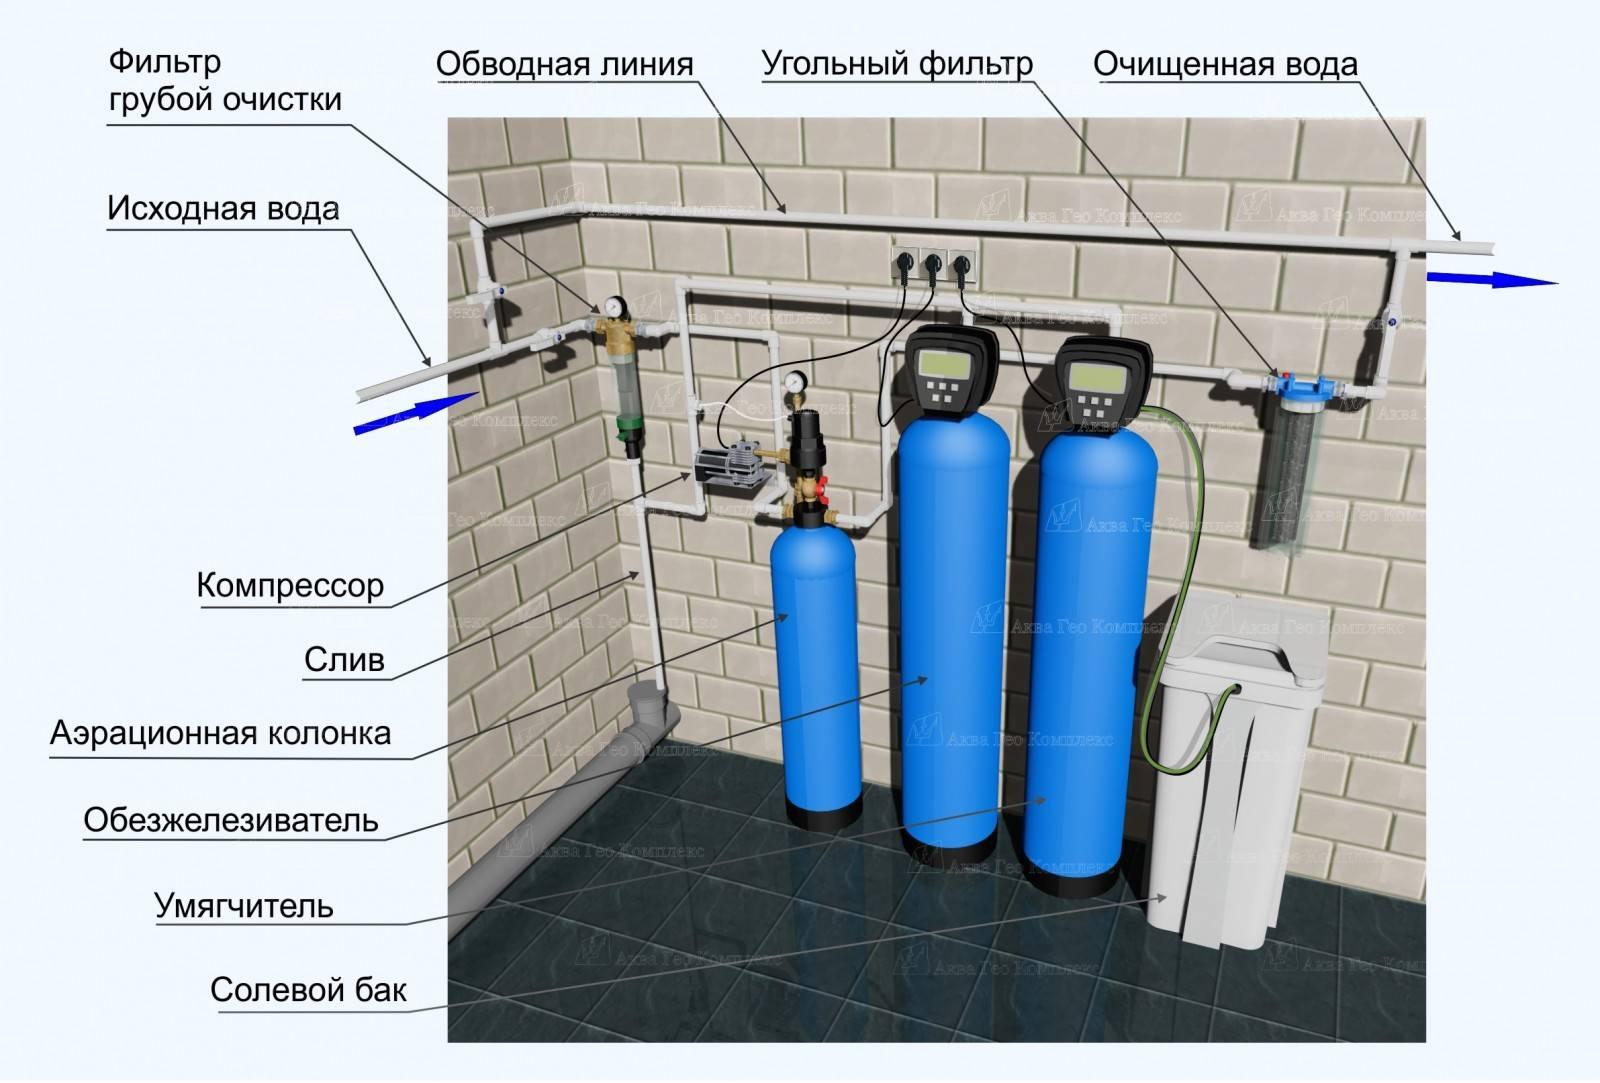 Фильтр предварительной очистки воды: зачем нужен, устройство и советы по выбору